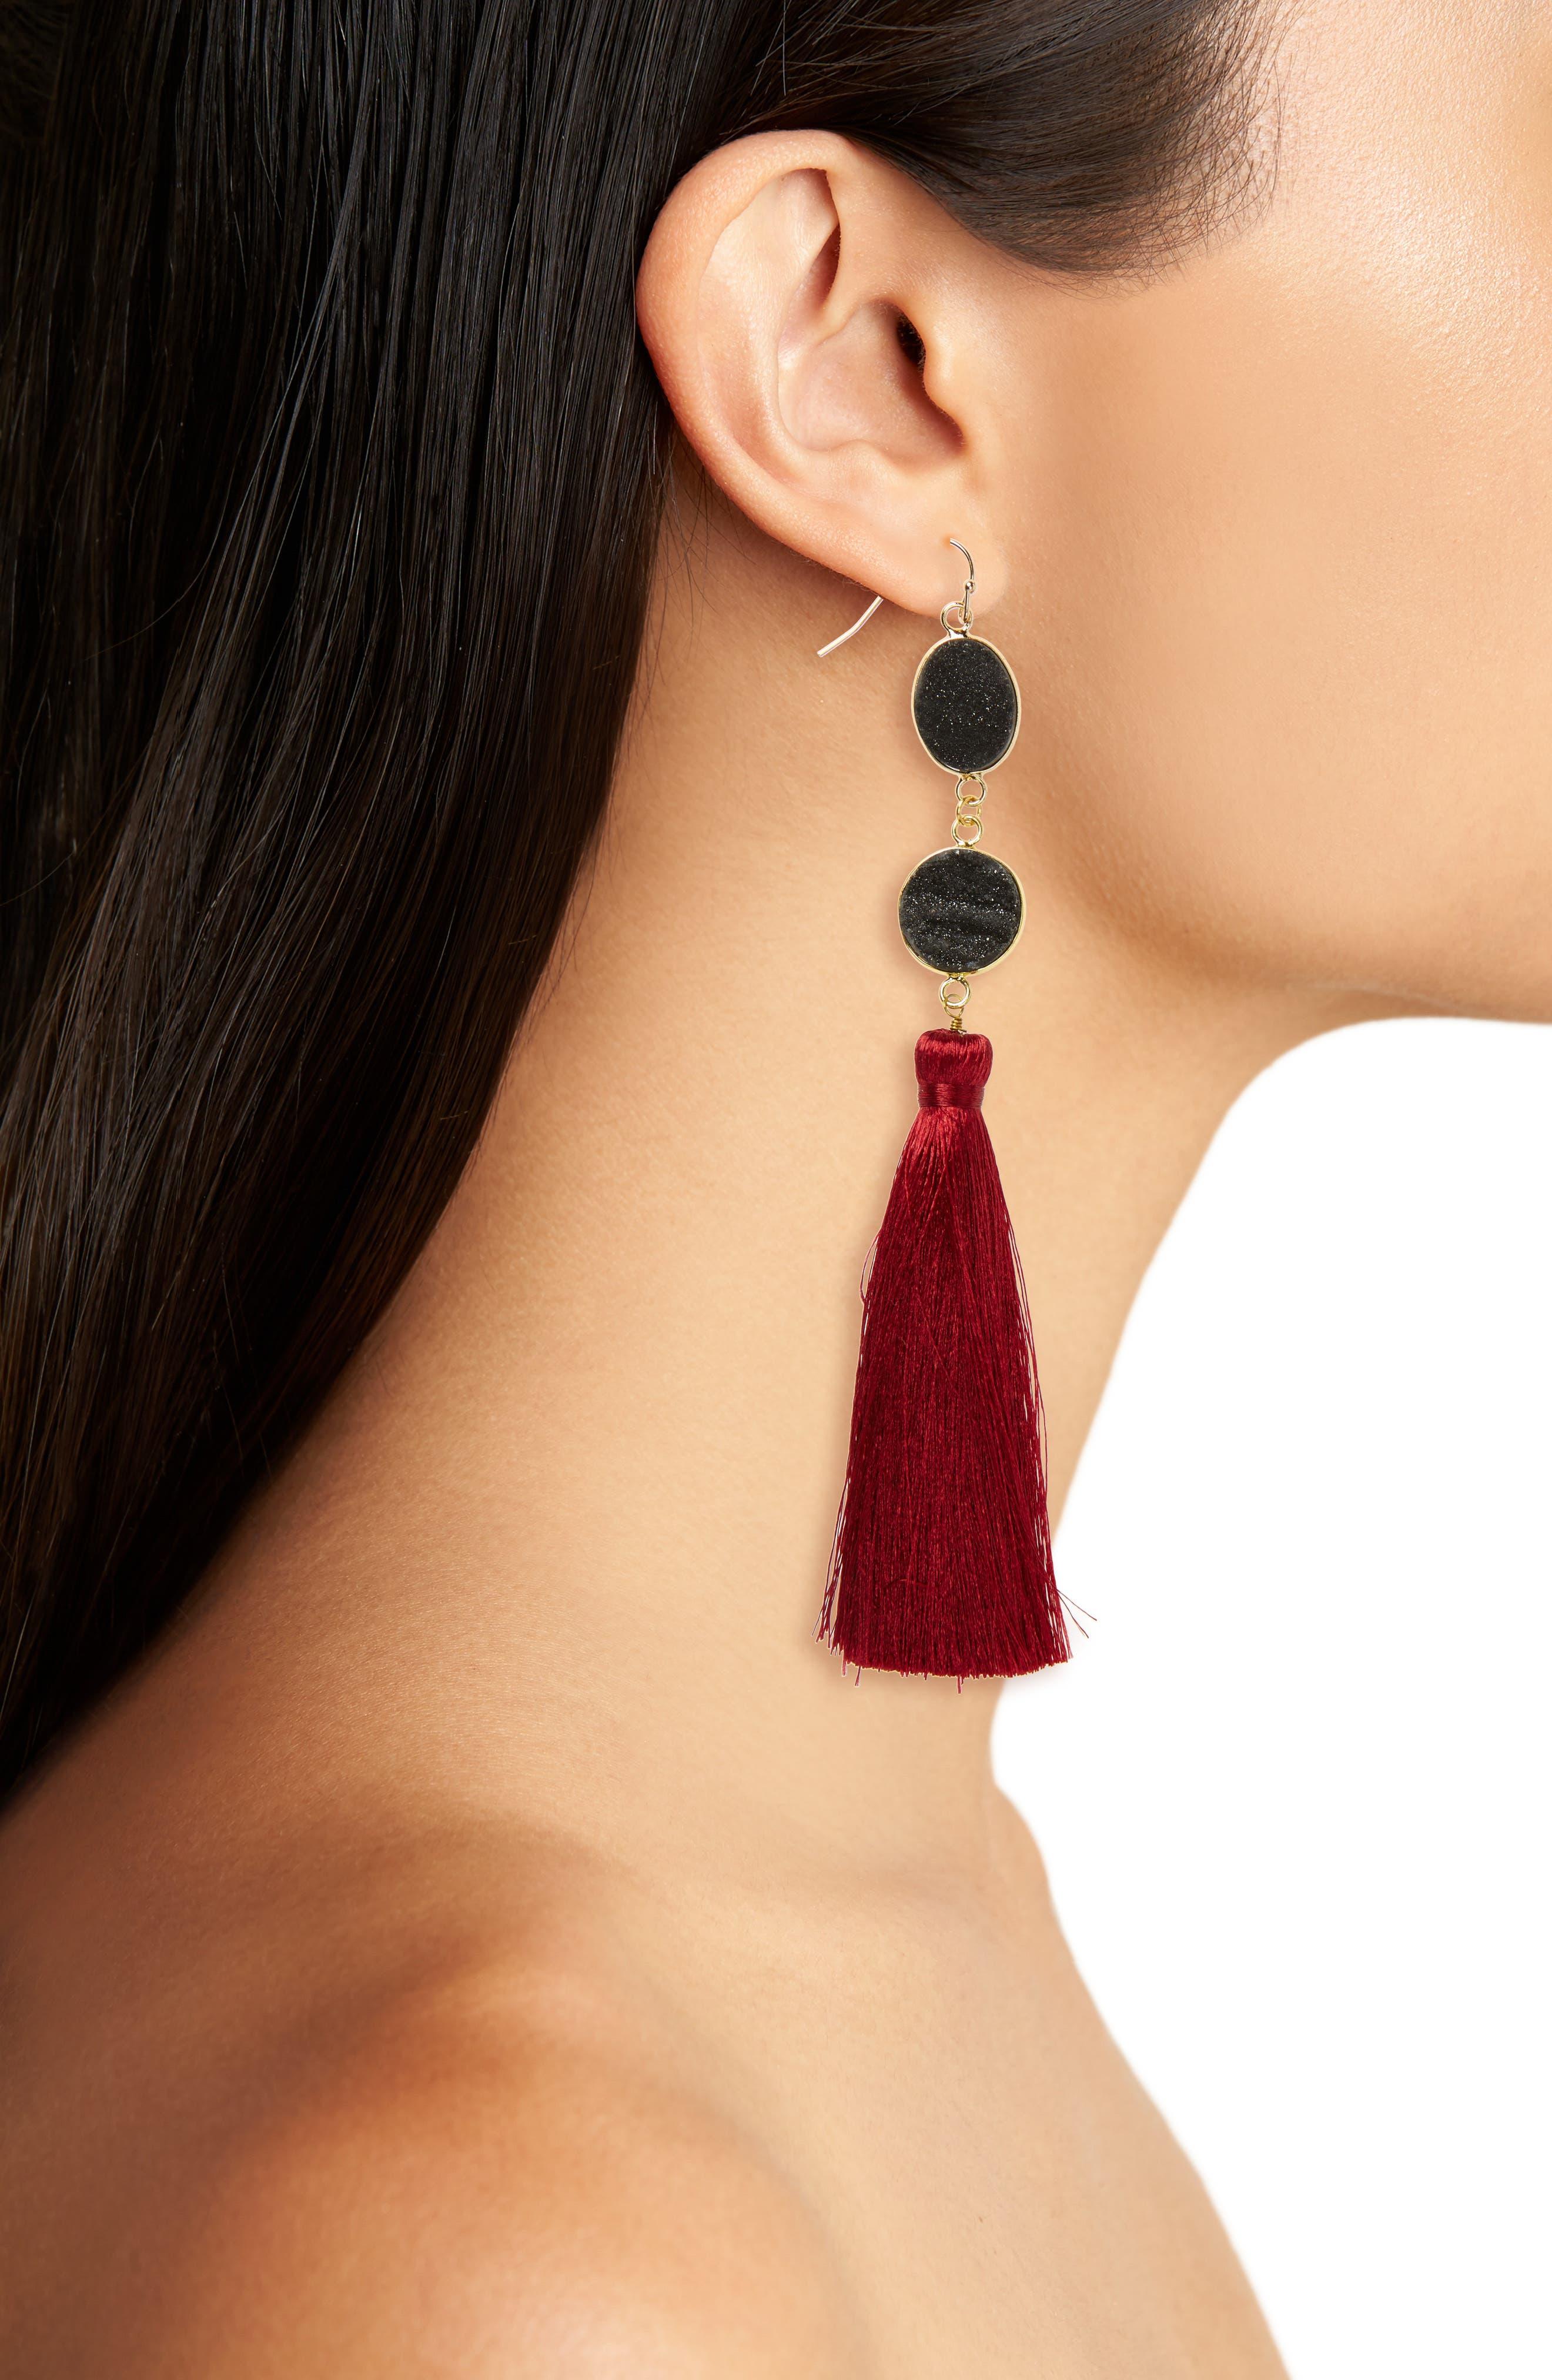 Drusy Quartz Tassel Earrings,                             Alternate thumbnail 2, color,                             001